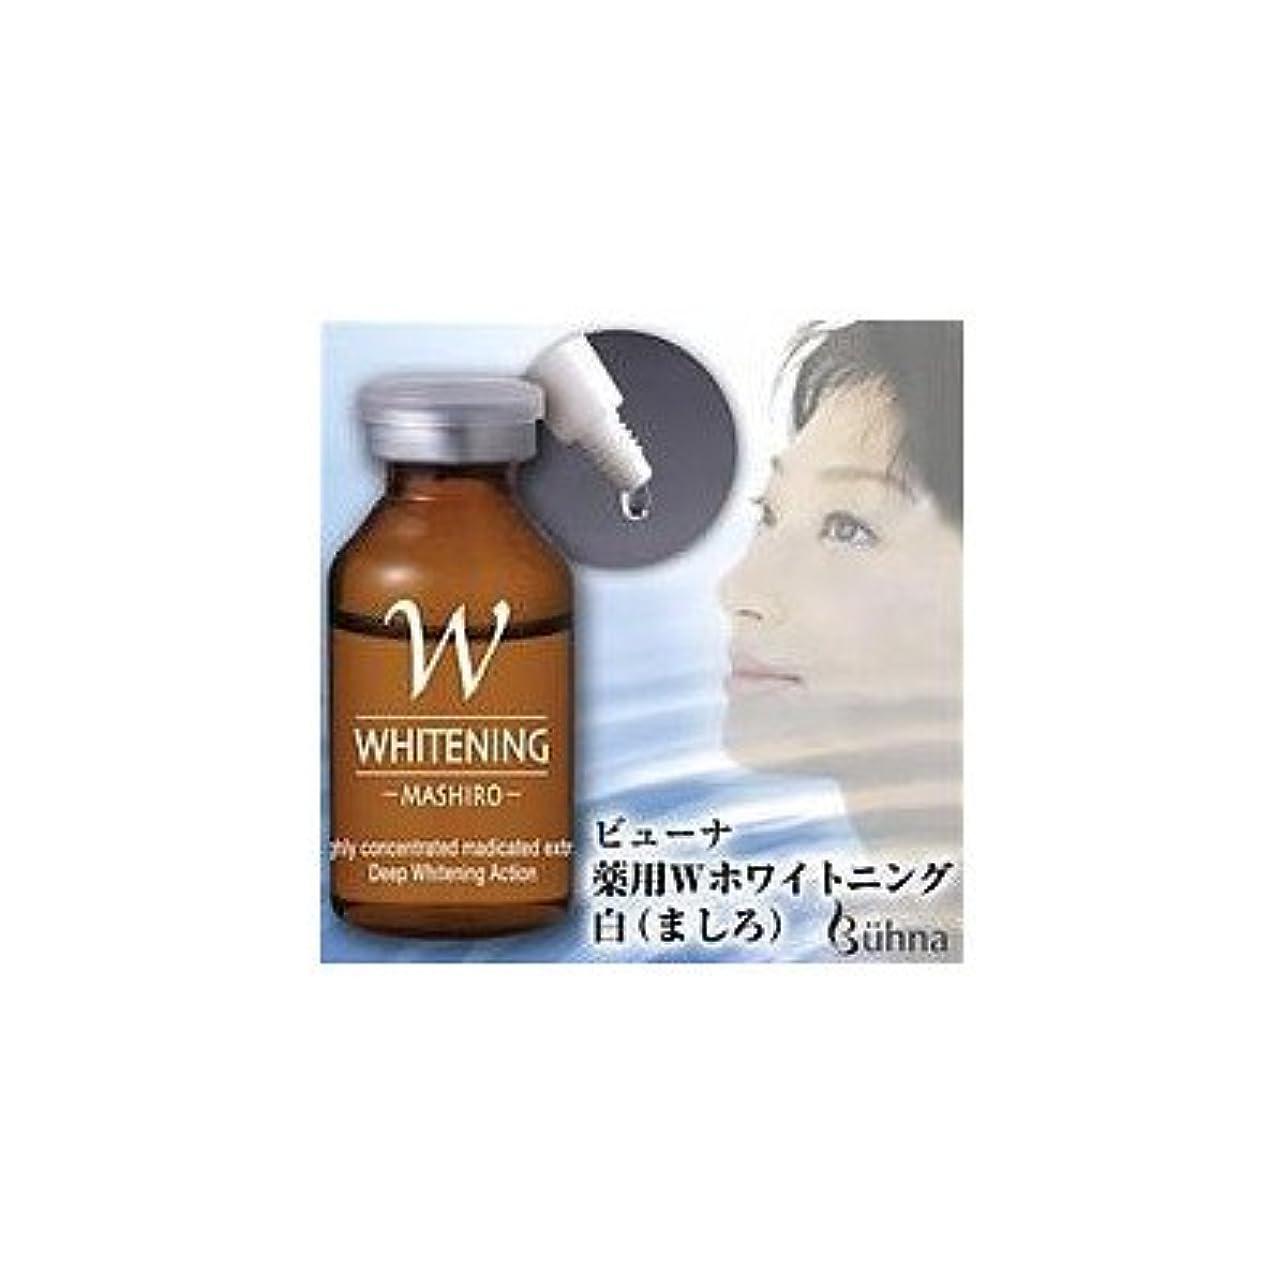 マッサージストラトフォードオンエイボン矢翌朝の肌で感じる美肌力 ビューナ 薬用Wホワイトニング 白